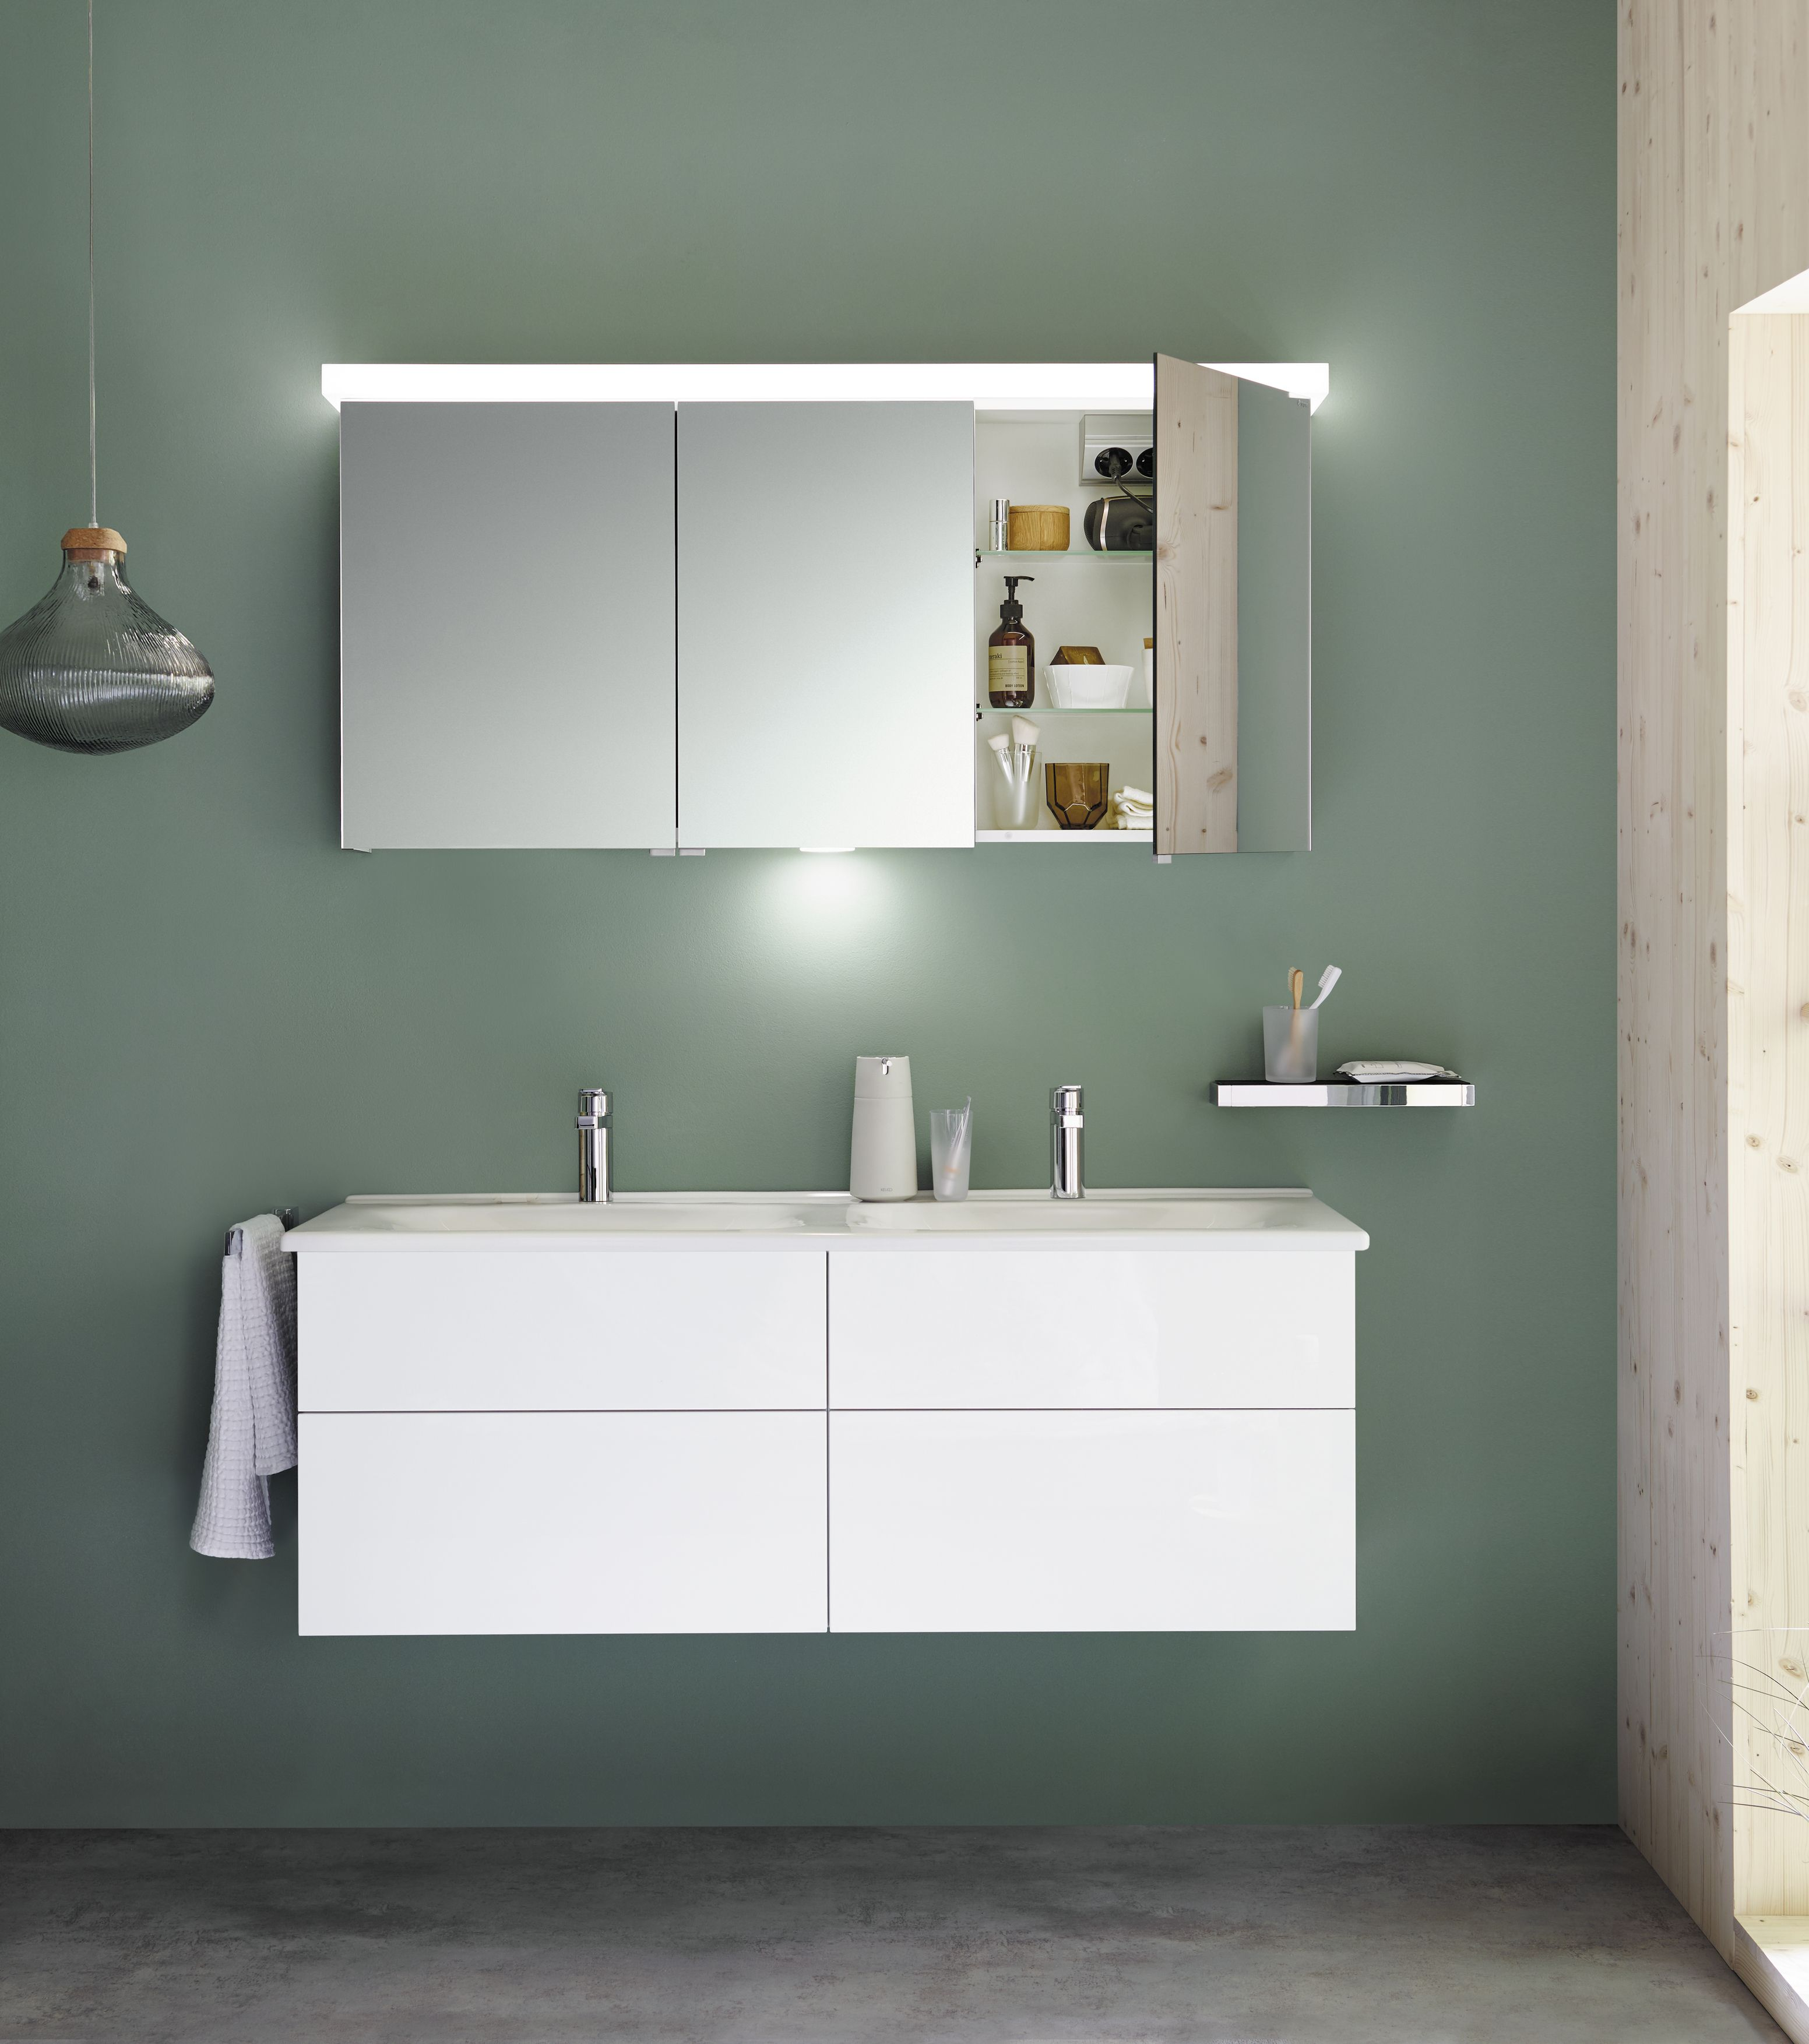 Burgbad Essento Set Bestehend Aus Spiegelschrank Mit Led Beleuchtung Und Led Waschtischbeleuchtung Keramik Doppelwaschtisch Und Waschtischunterschrank Breite Spiegelschrank Waschtischunterschrank Badezimmer Trends